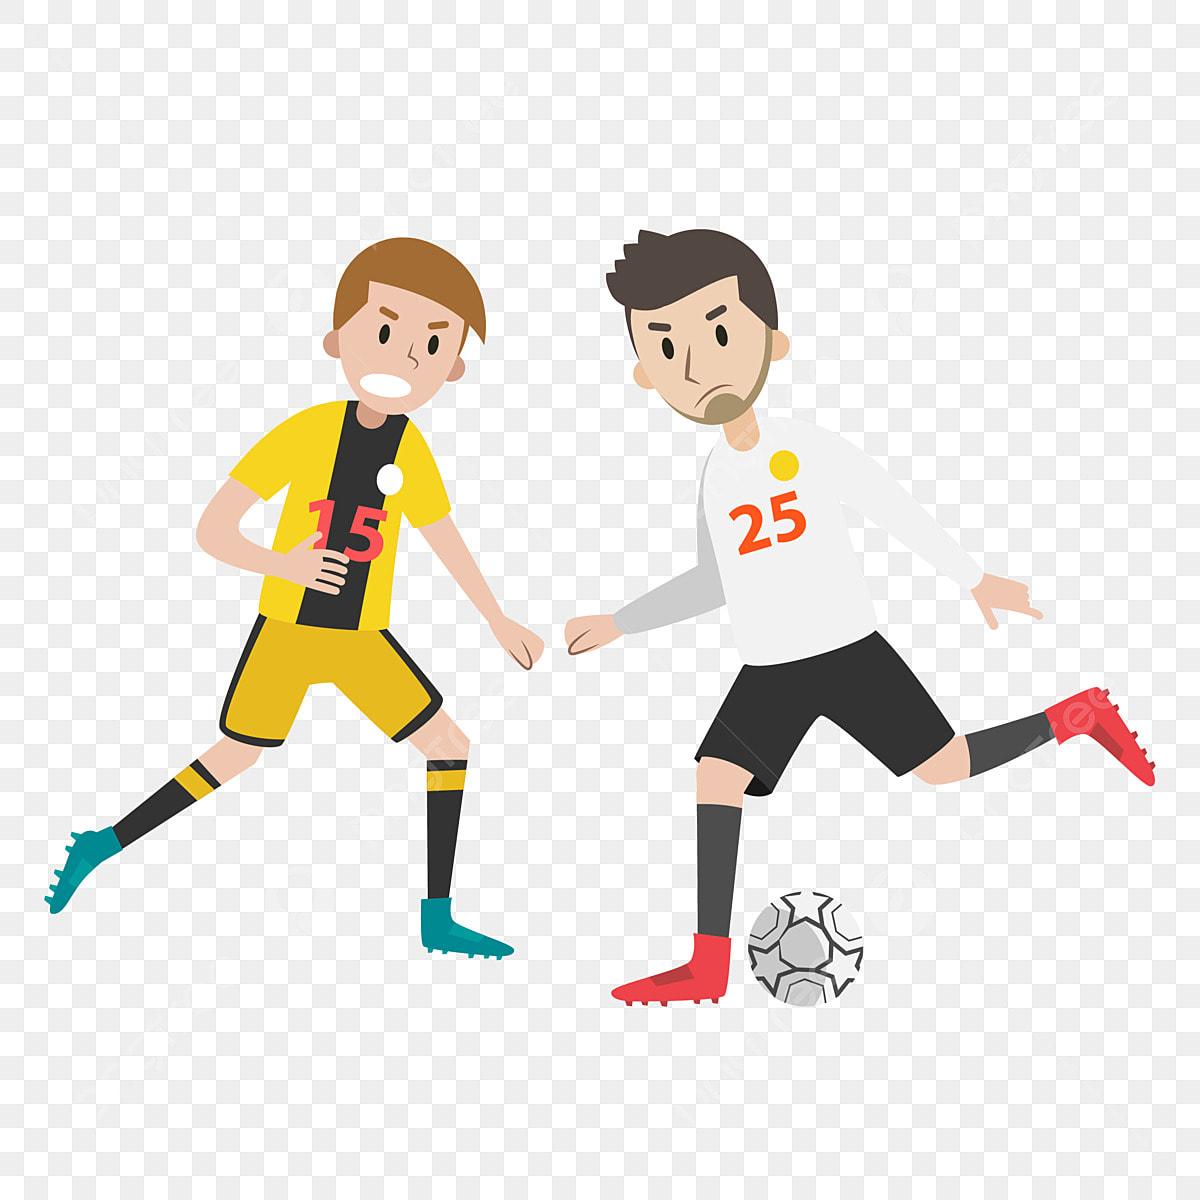 Vektor Kartun Pemain Sepak Bola Bahan Pemain Sepak Bola